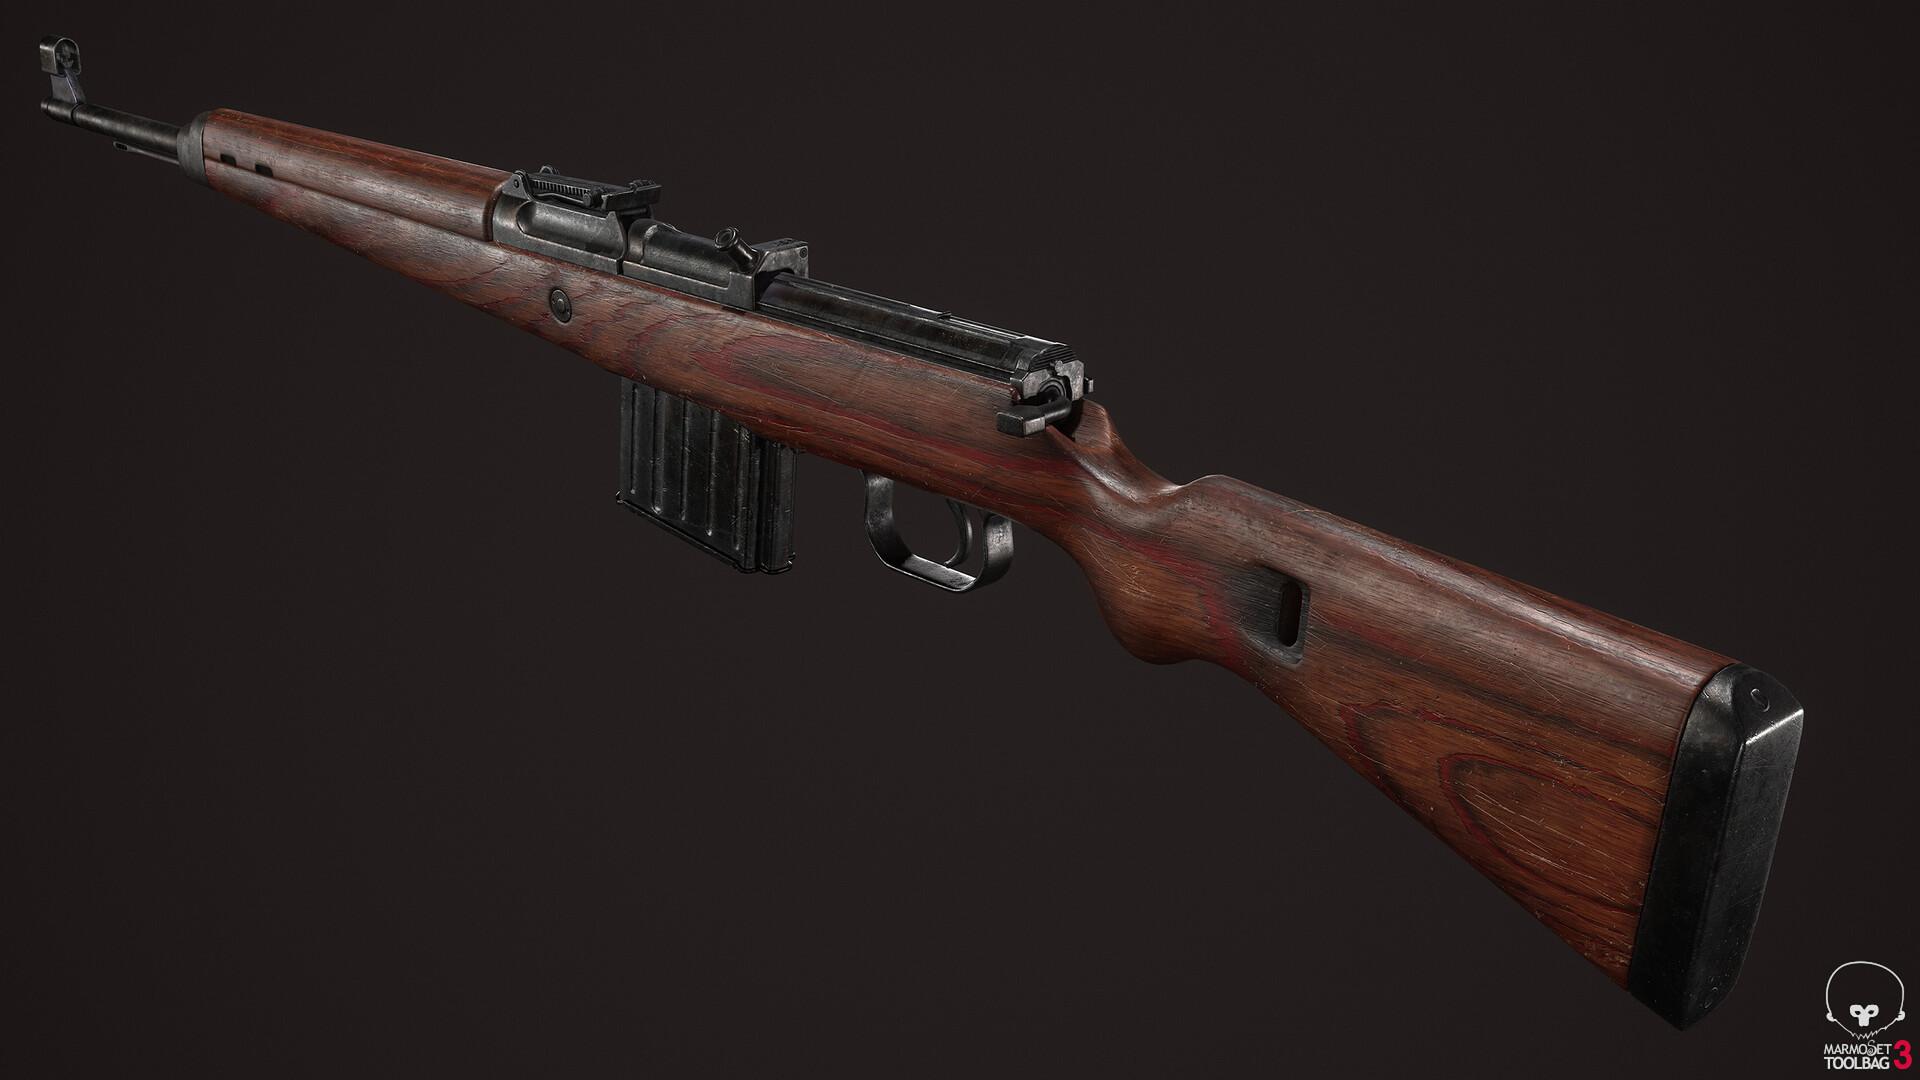 David letondor david letondor gewehr43 10